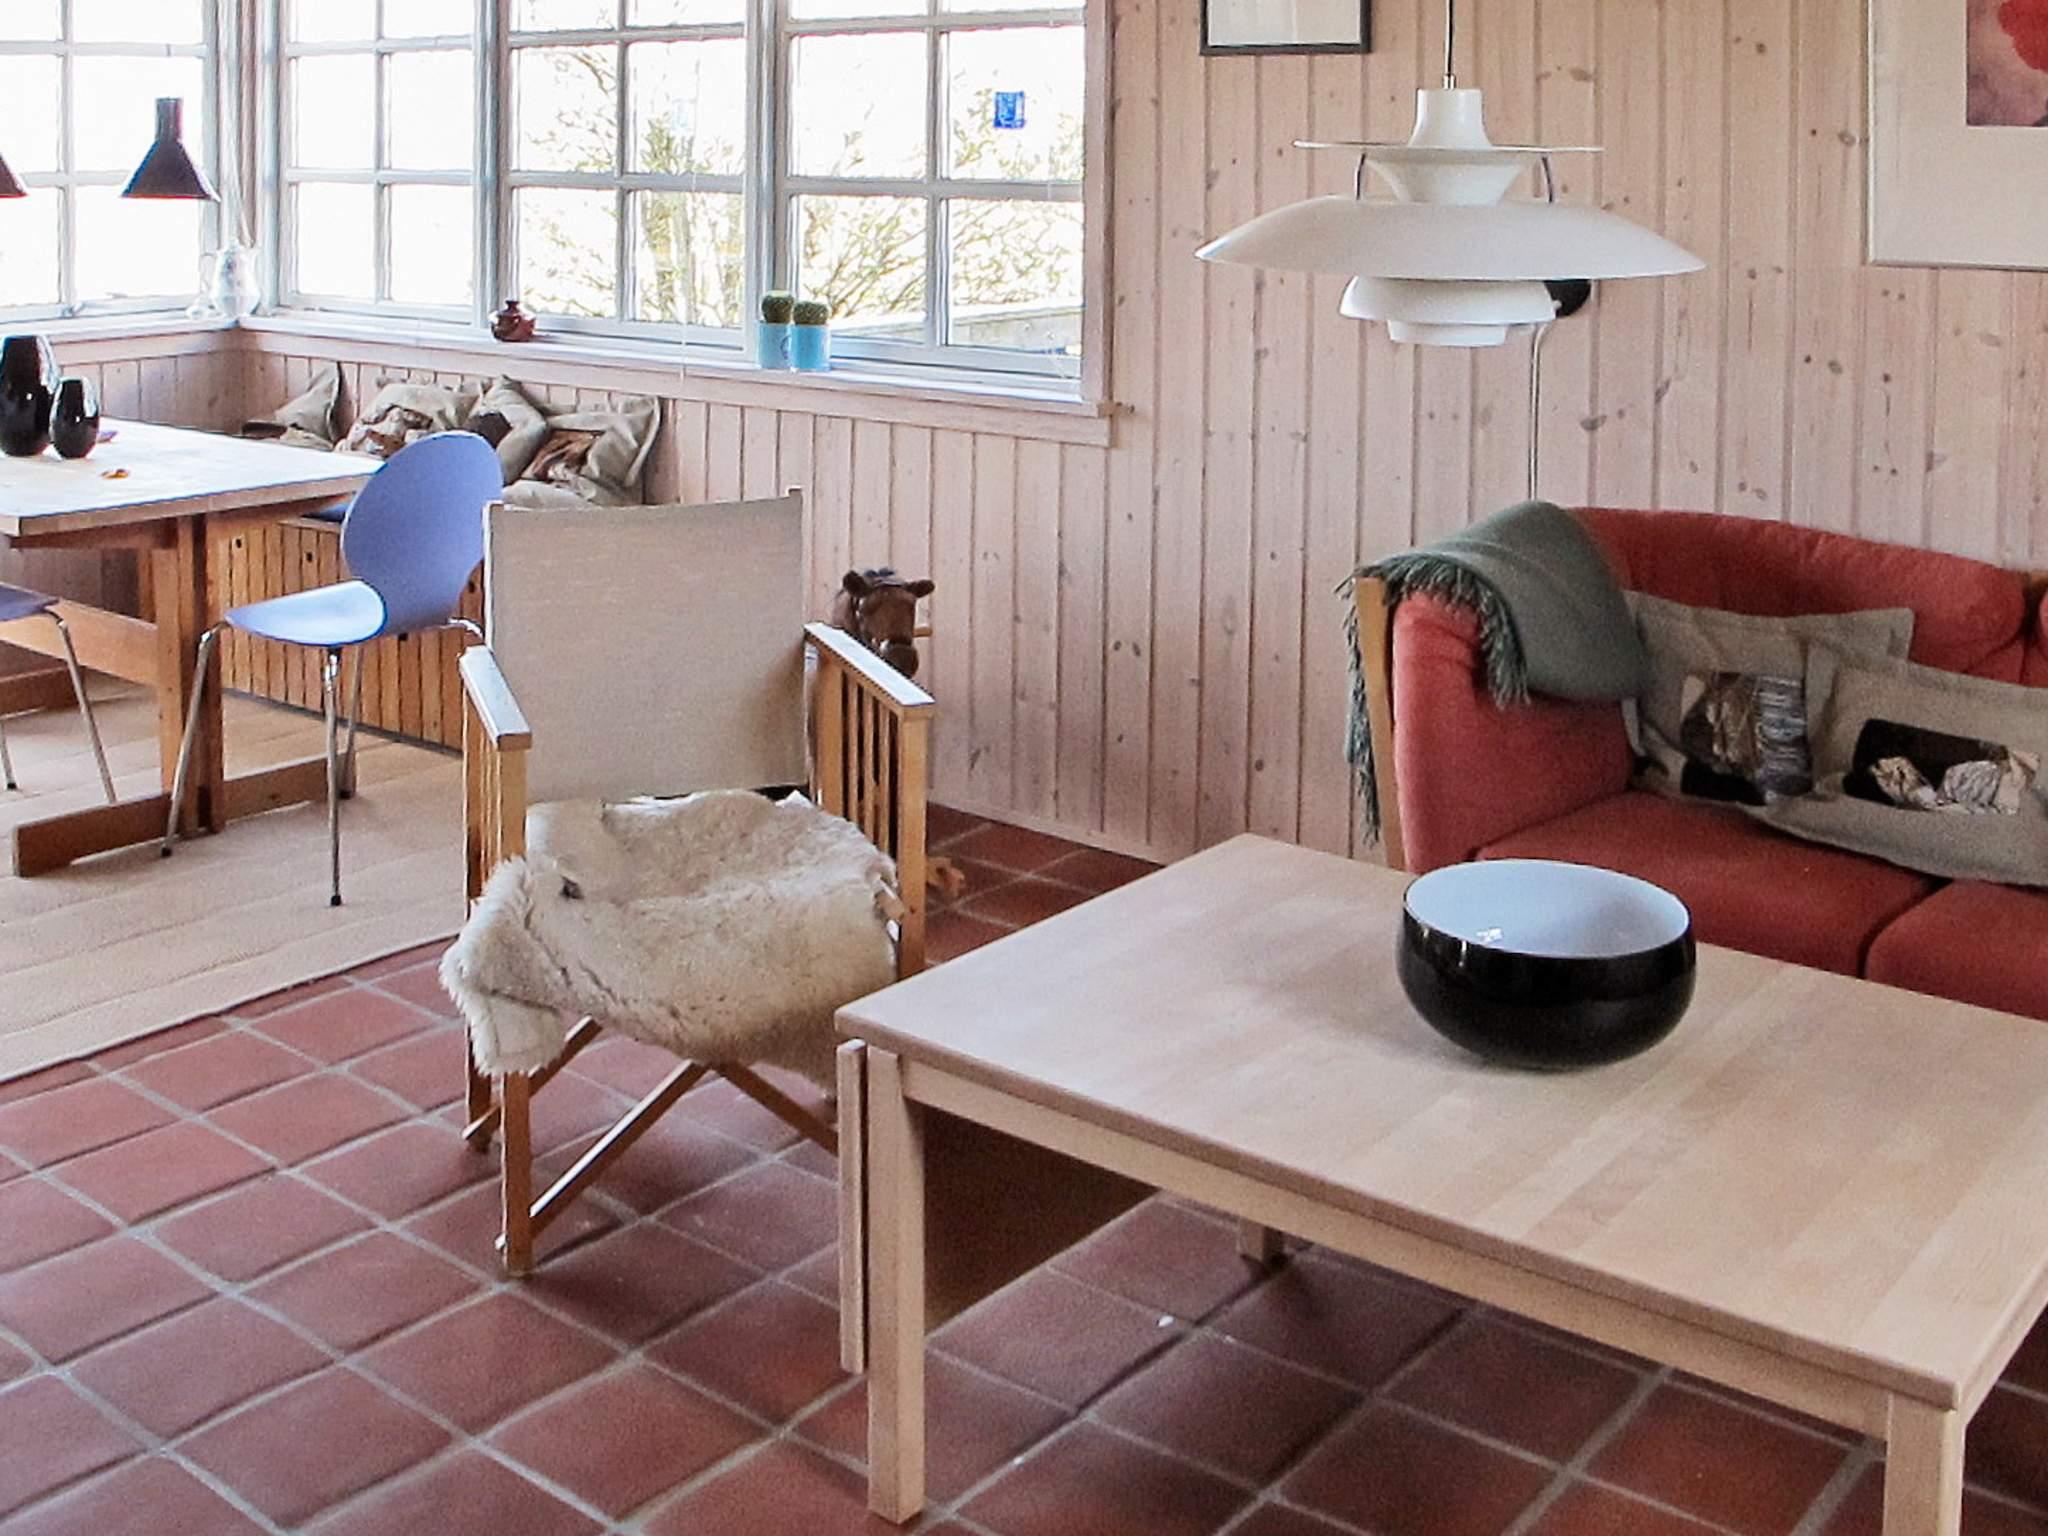 Ferienhaus Bakkebølle Strand (2354153), Bakkebølle Strand, , Südseeland, Dänemark, Bild 7